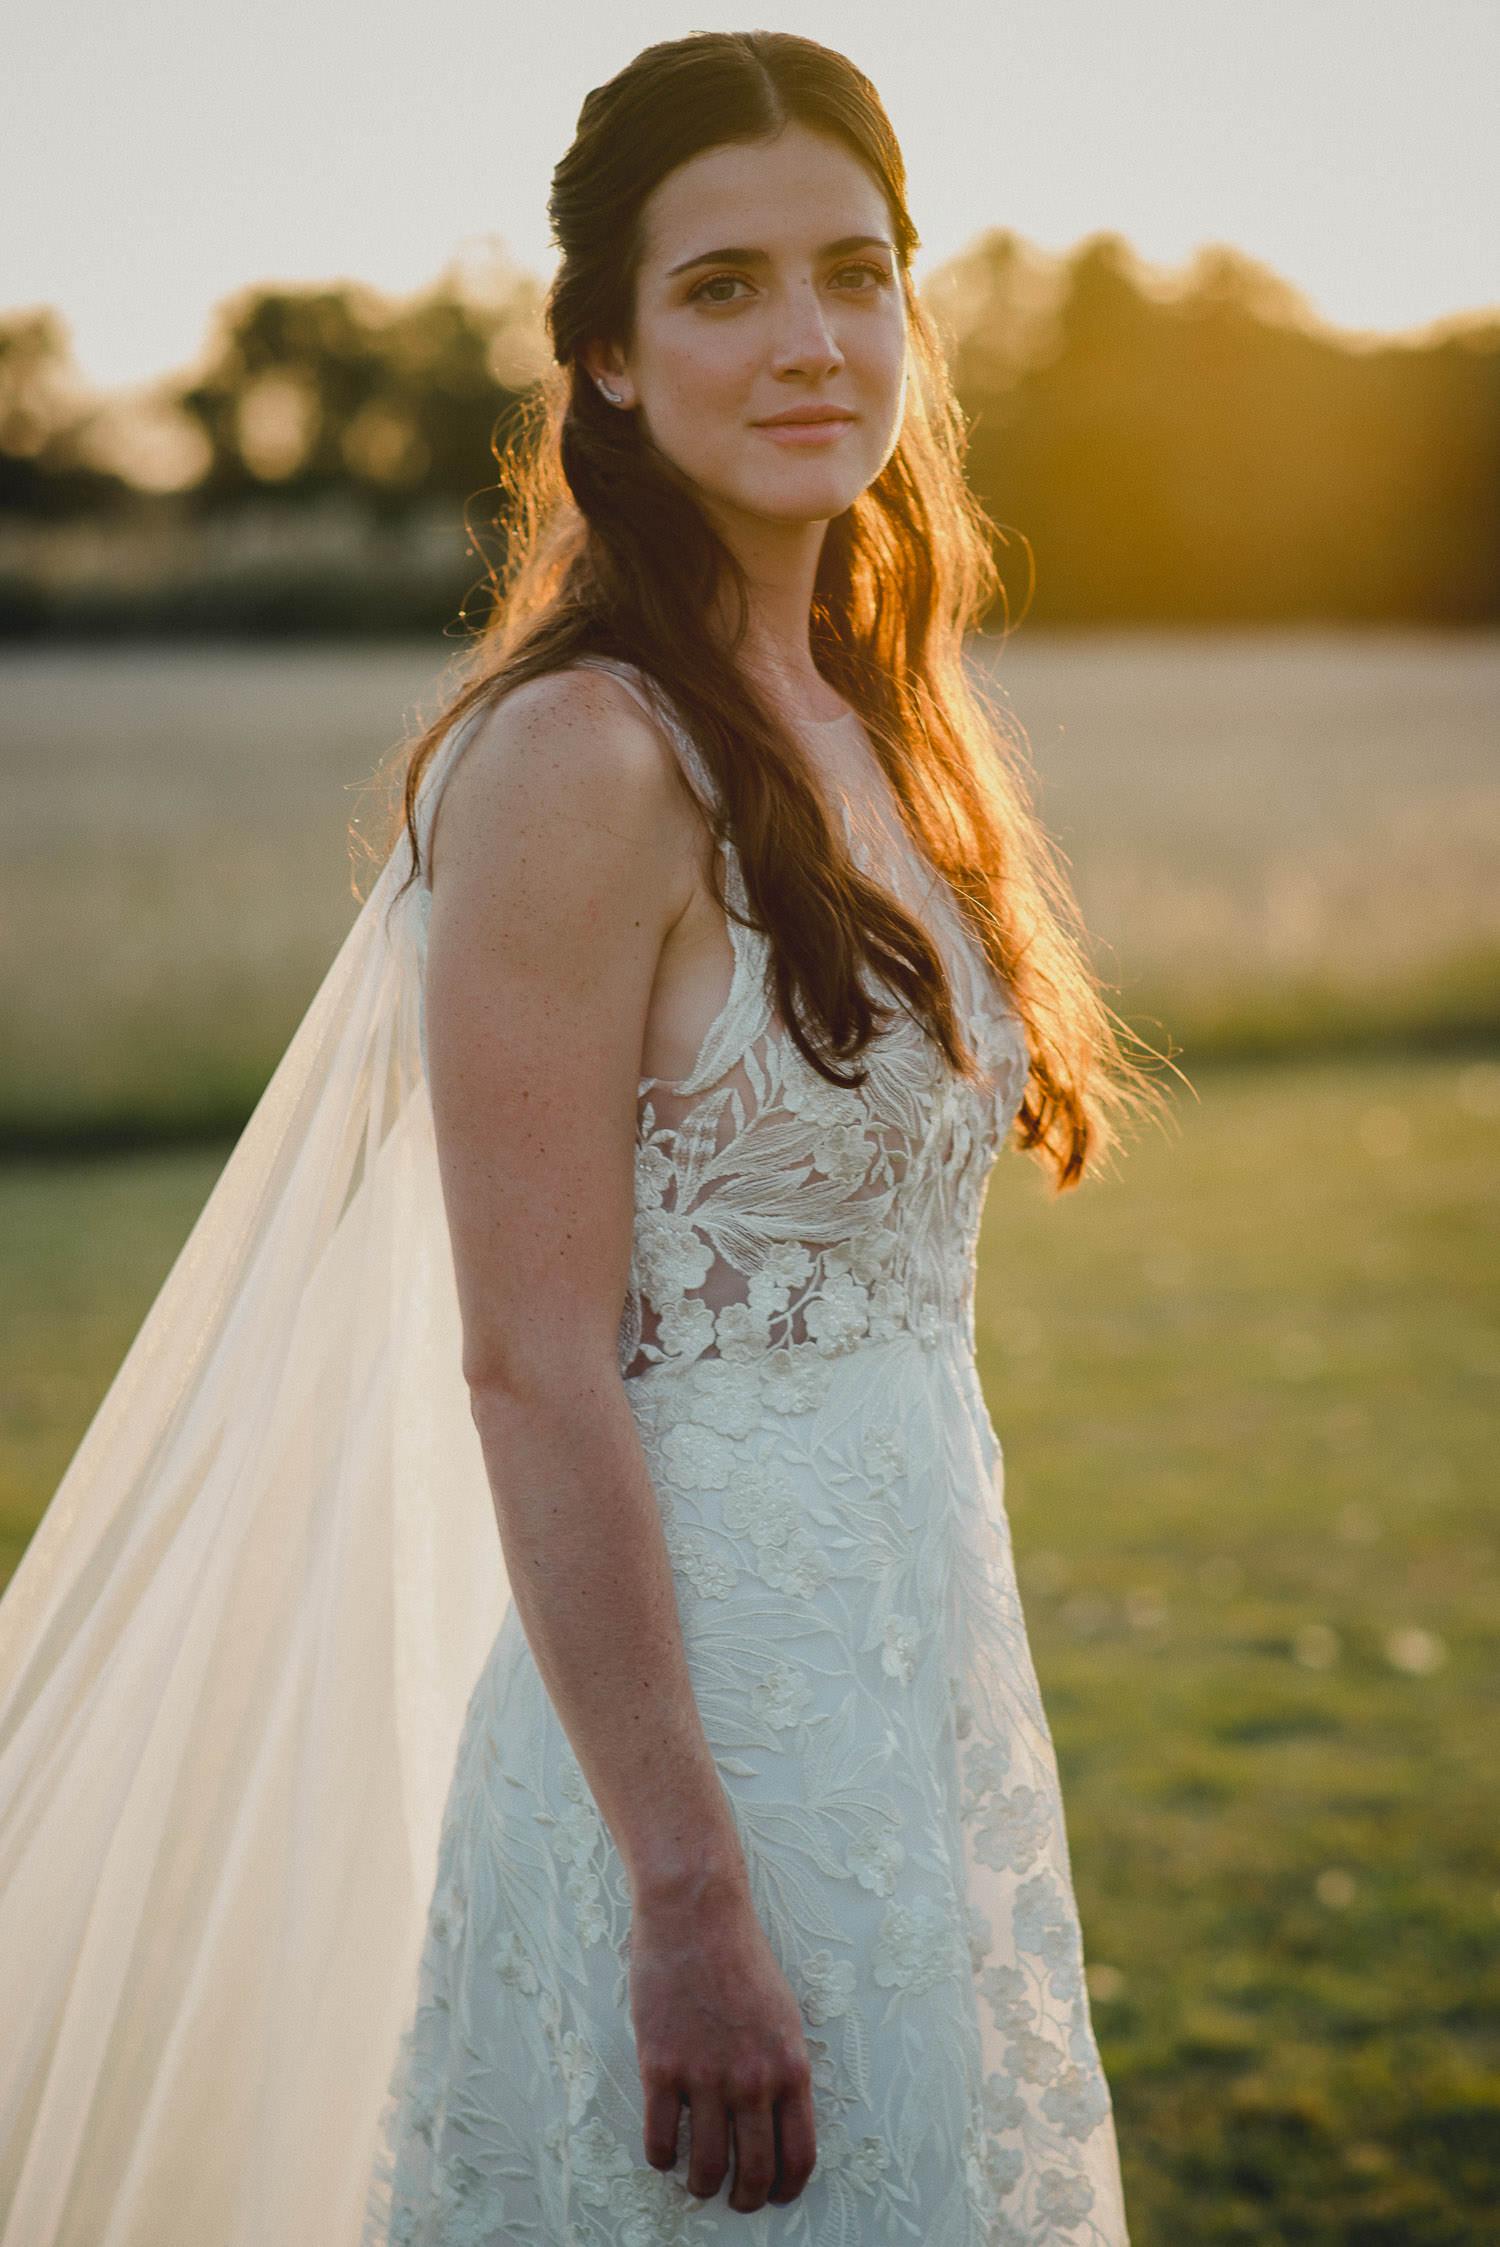 estancia-santa-elena-fotografia-de-boda